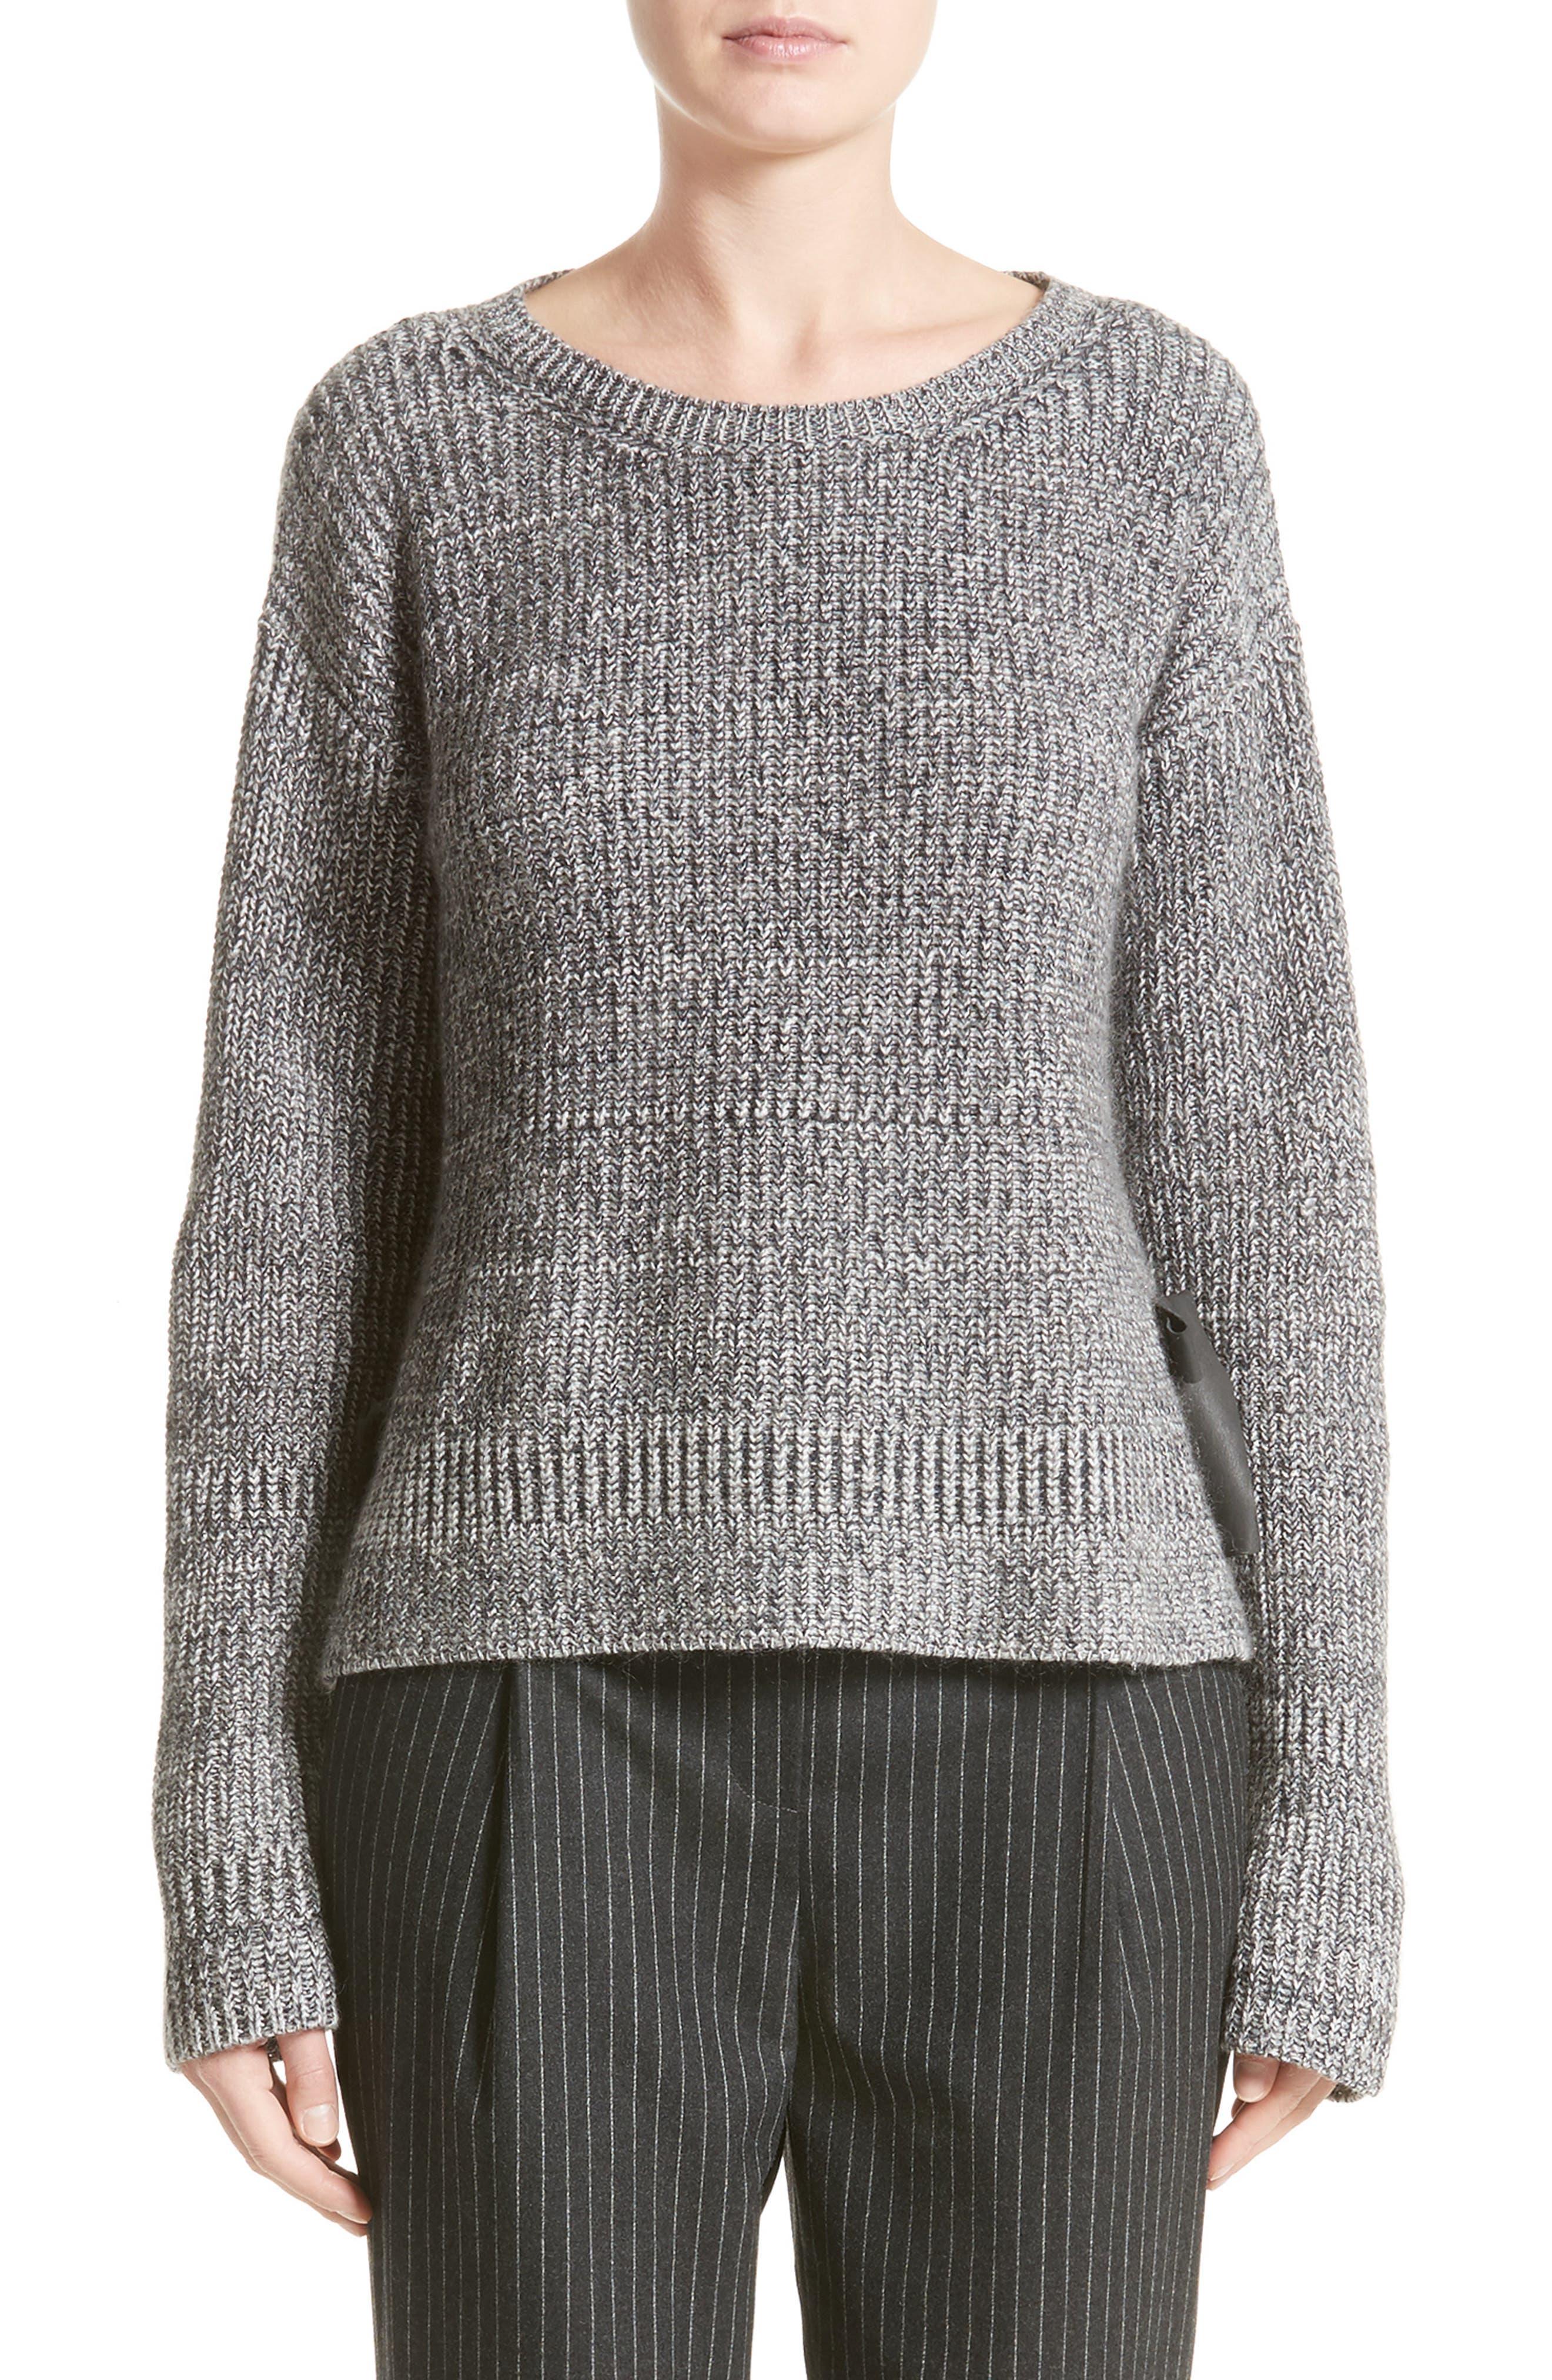 Fabiana Filippi Herringbone Stitch Wool Blend Sweater